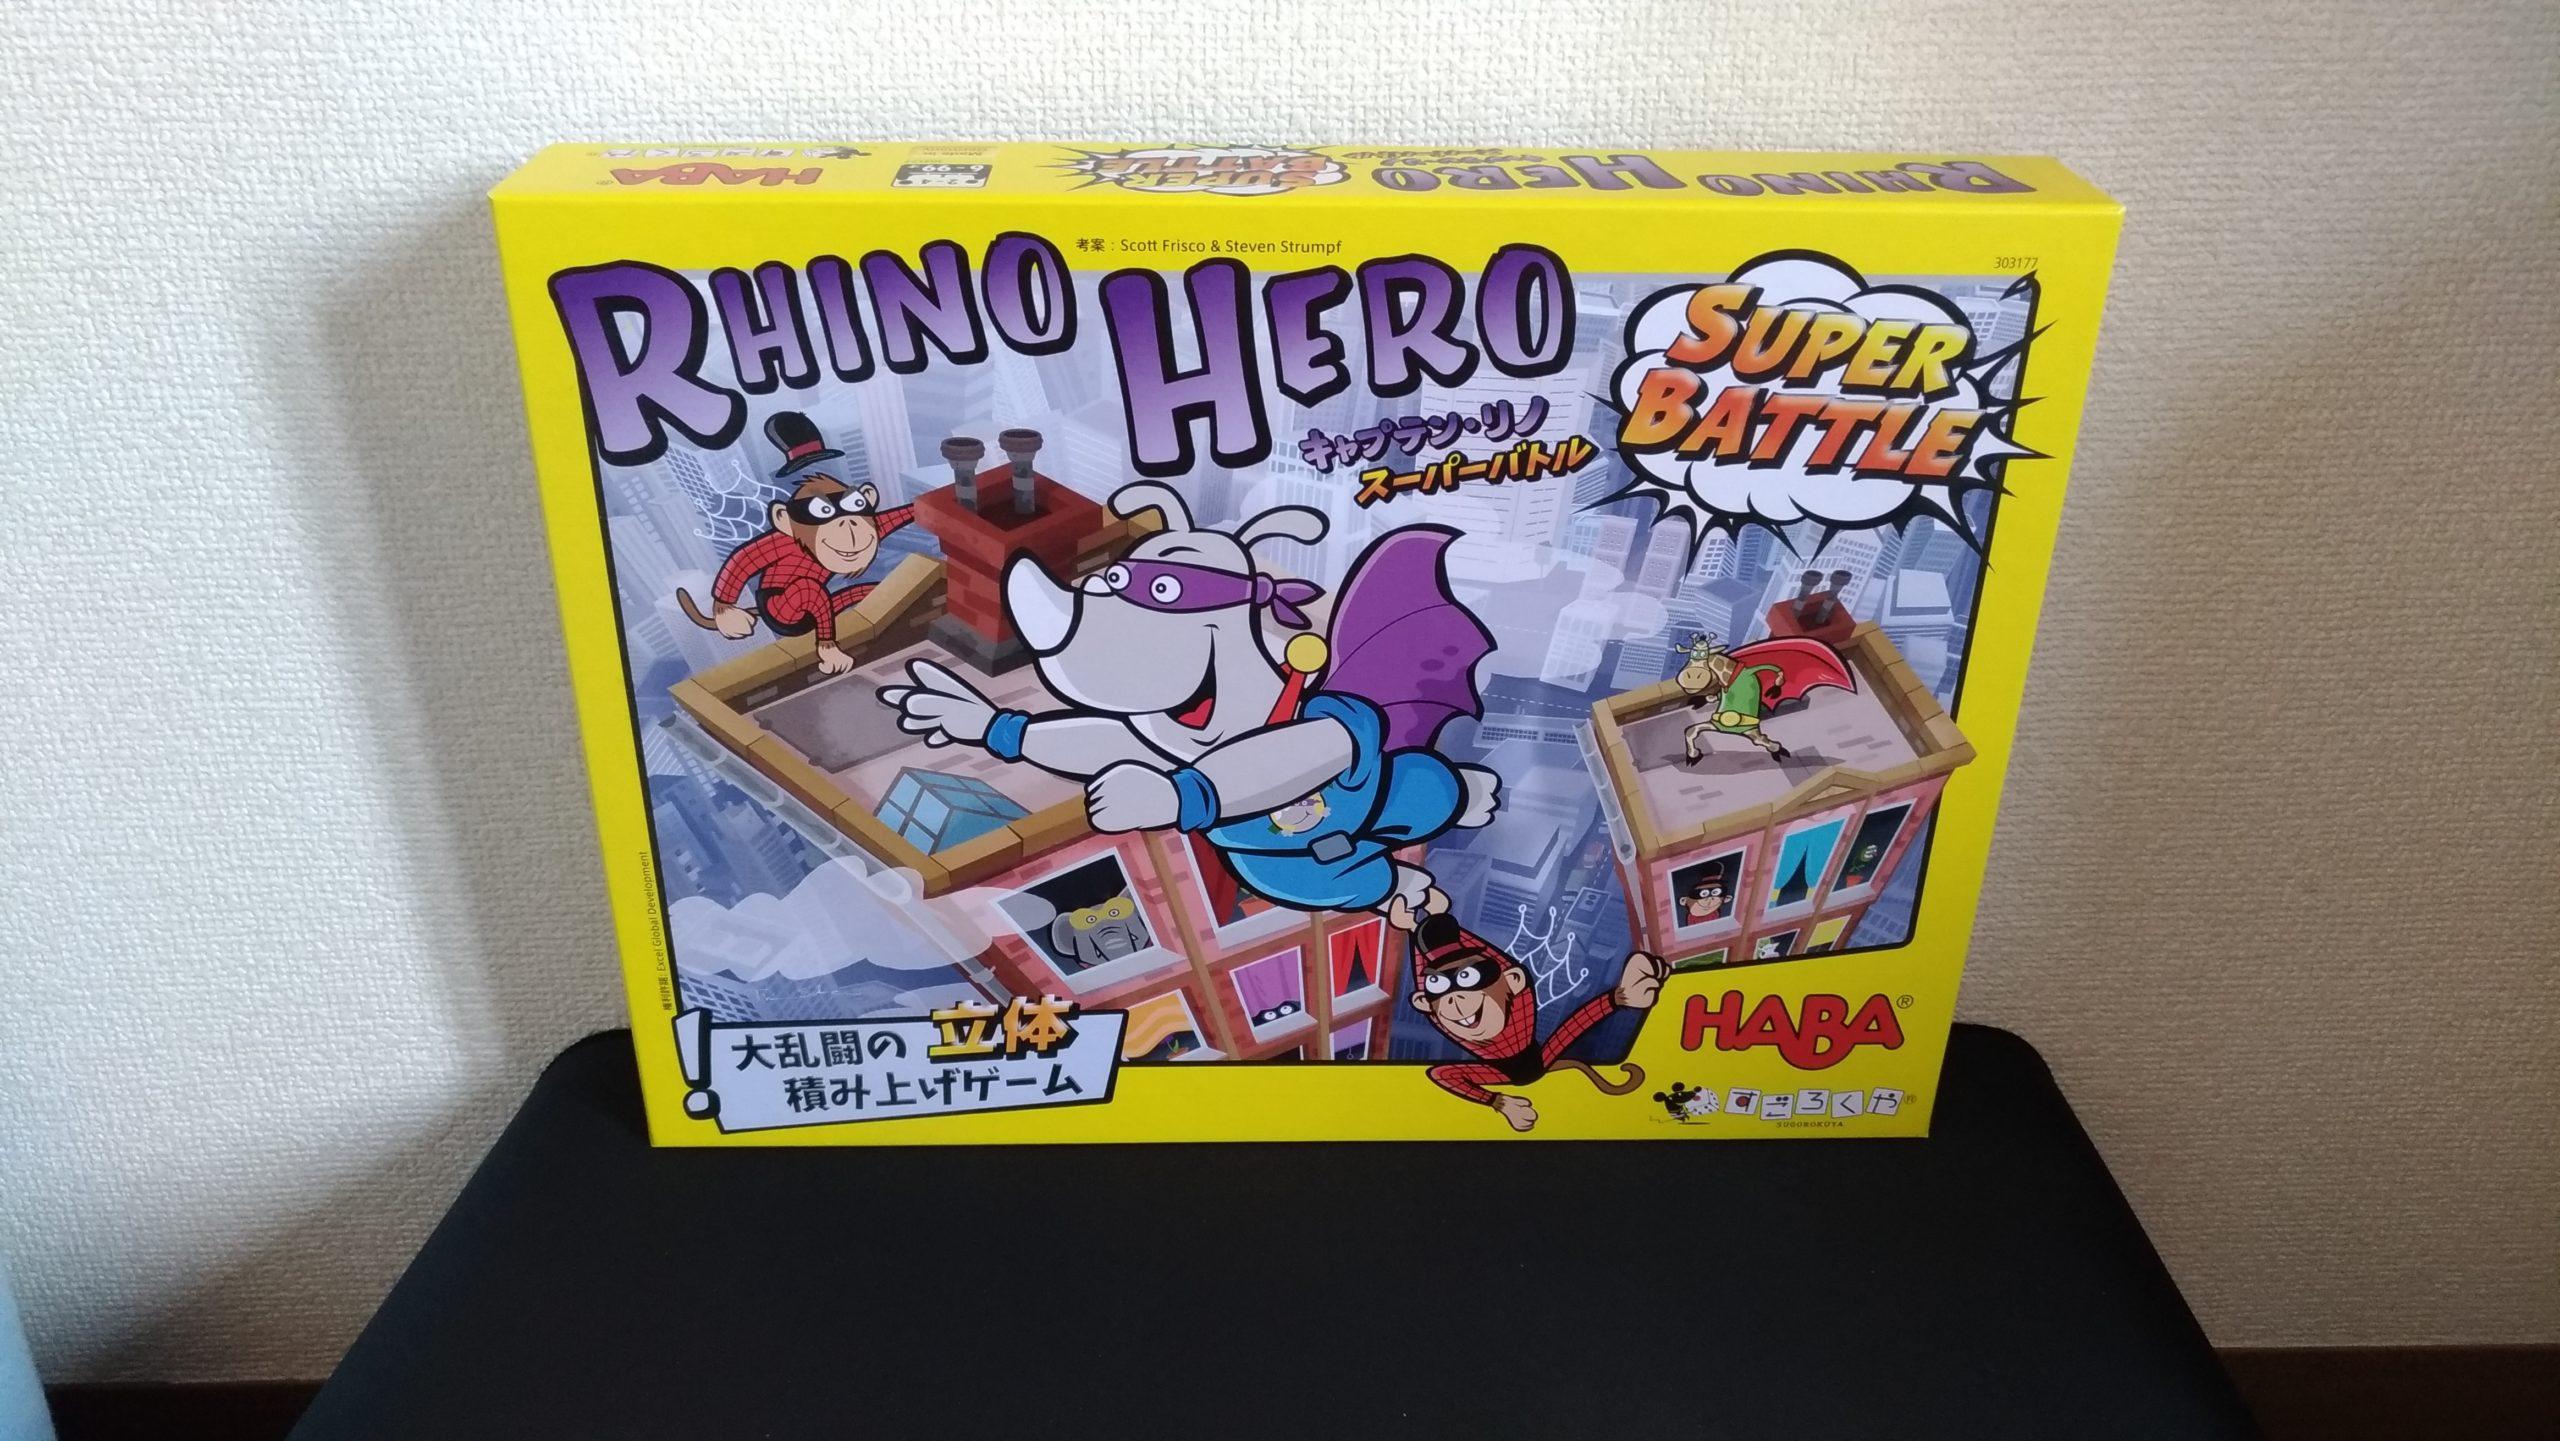 【ボドゲ紹介】キャプテン・リノ スーパーバトル(RHINO HERO SUPER BATTLE)